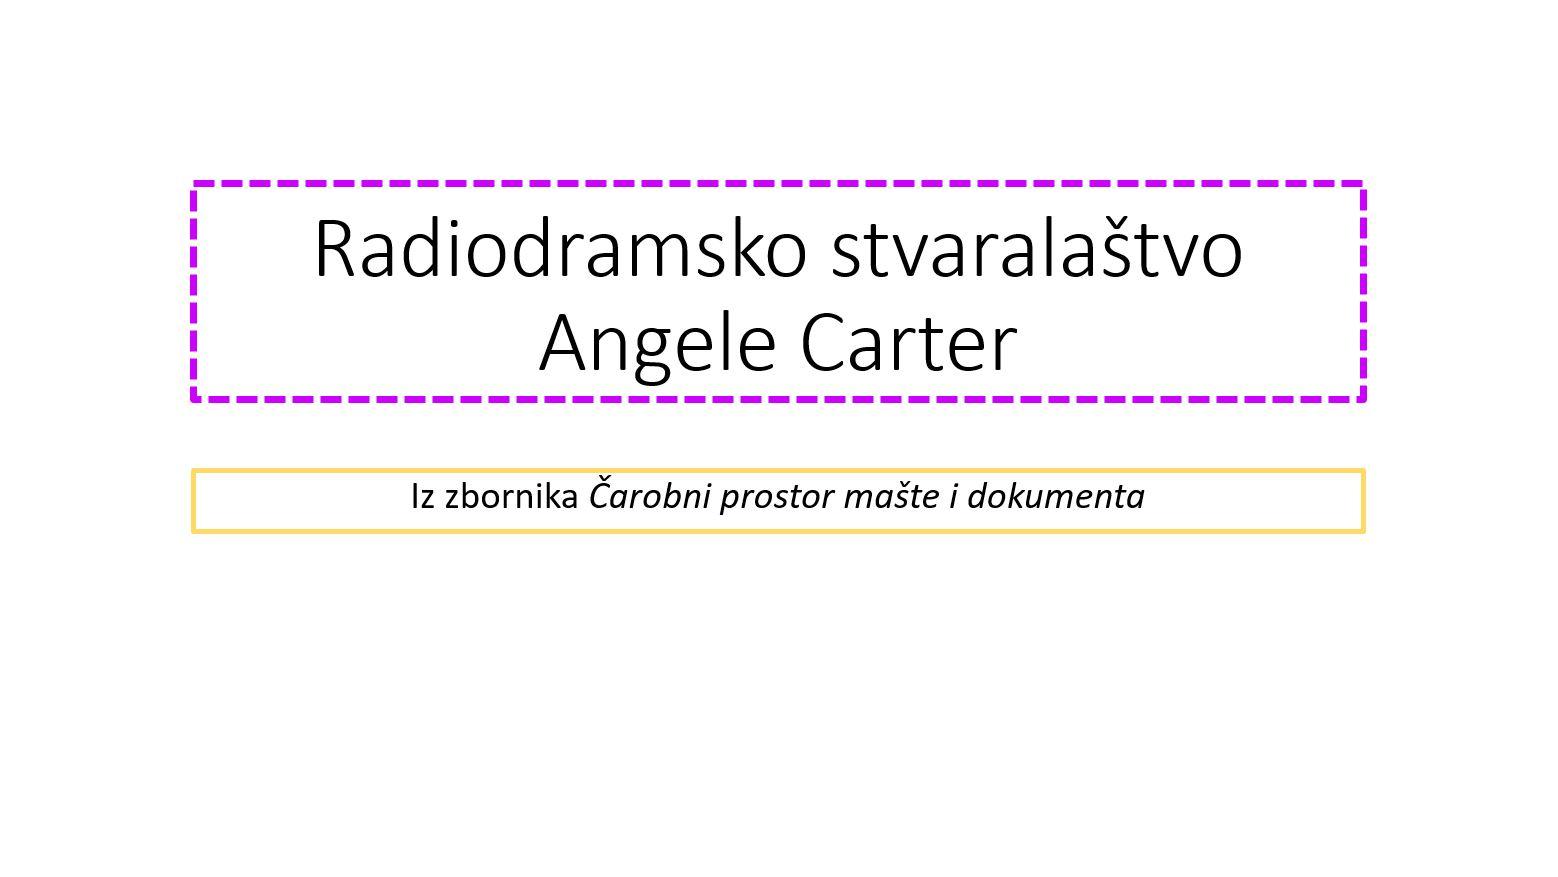 Radidramsko stvaralaštvo Angele Carter : iz zbornika Čarobni prostor mašte i dokumenata